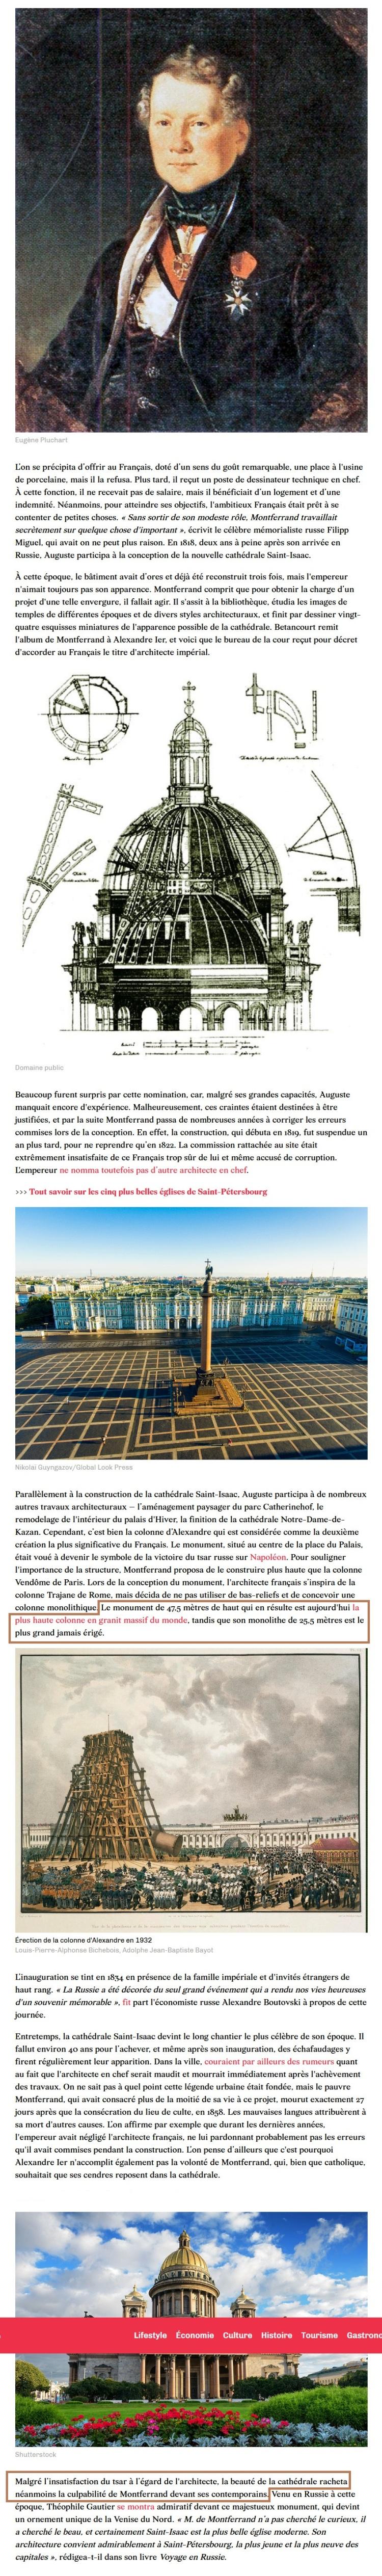 Français au service de l'Empire russe Auguste Montferrand, grand architecte de Saint-Pétersbourg